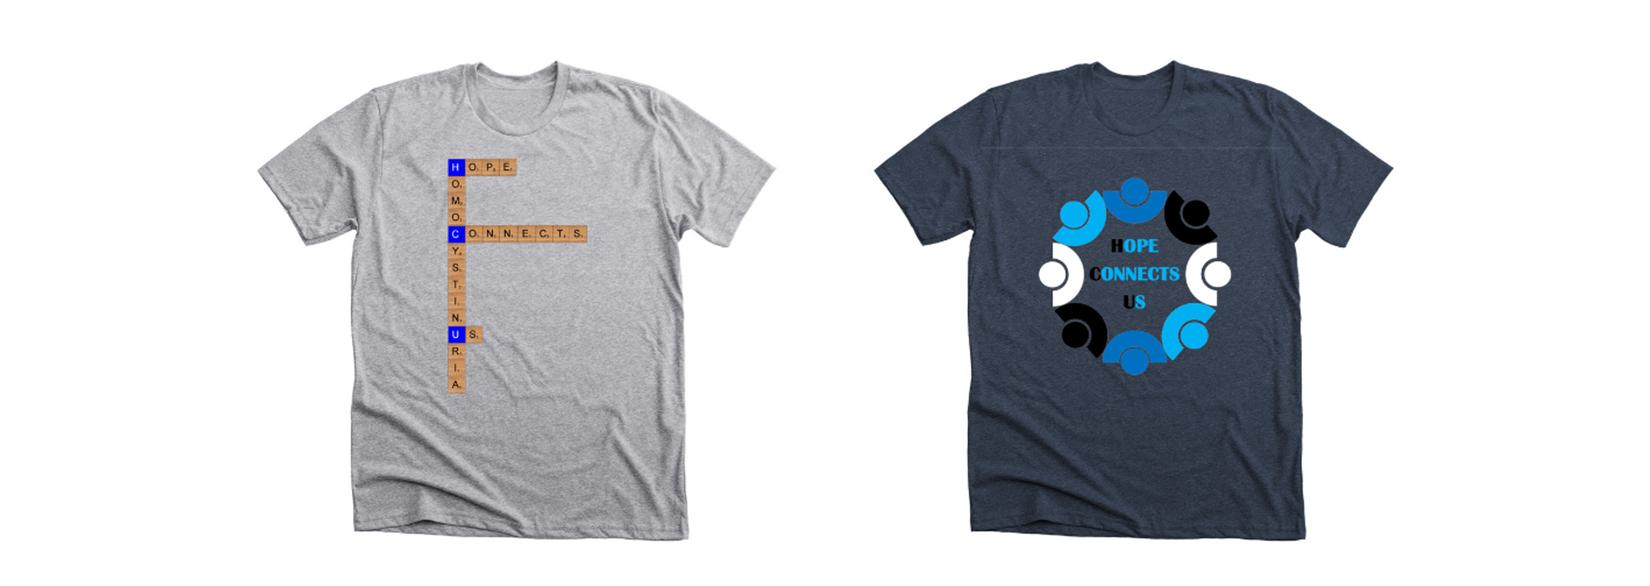 HCU Awareness Shirts now available